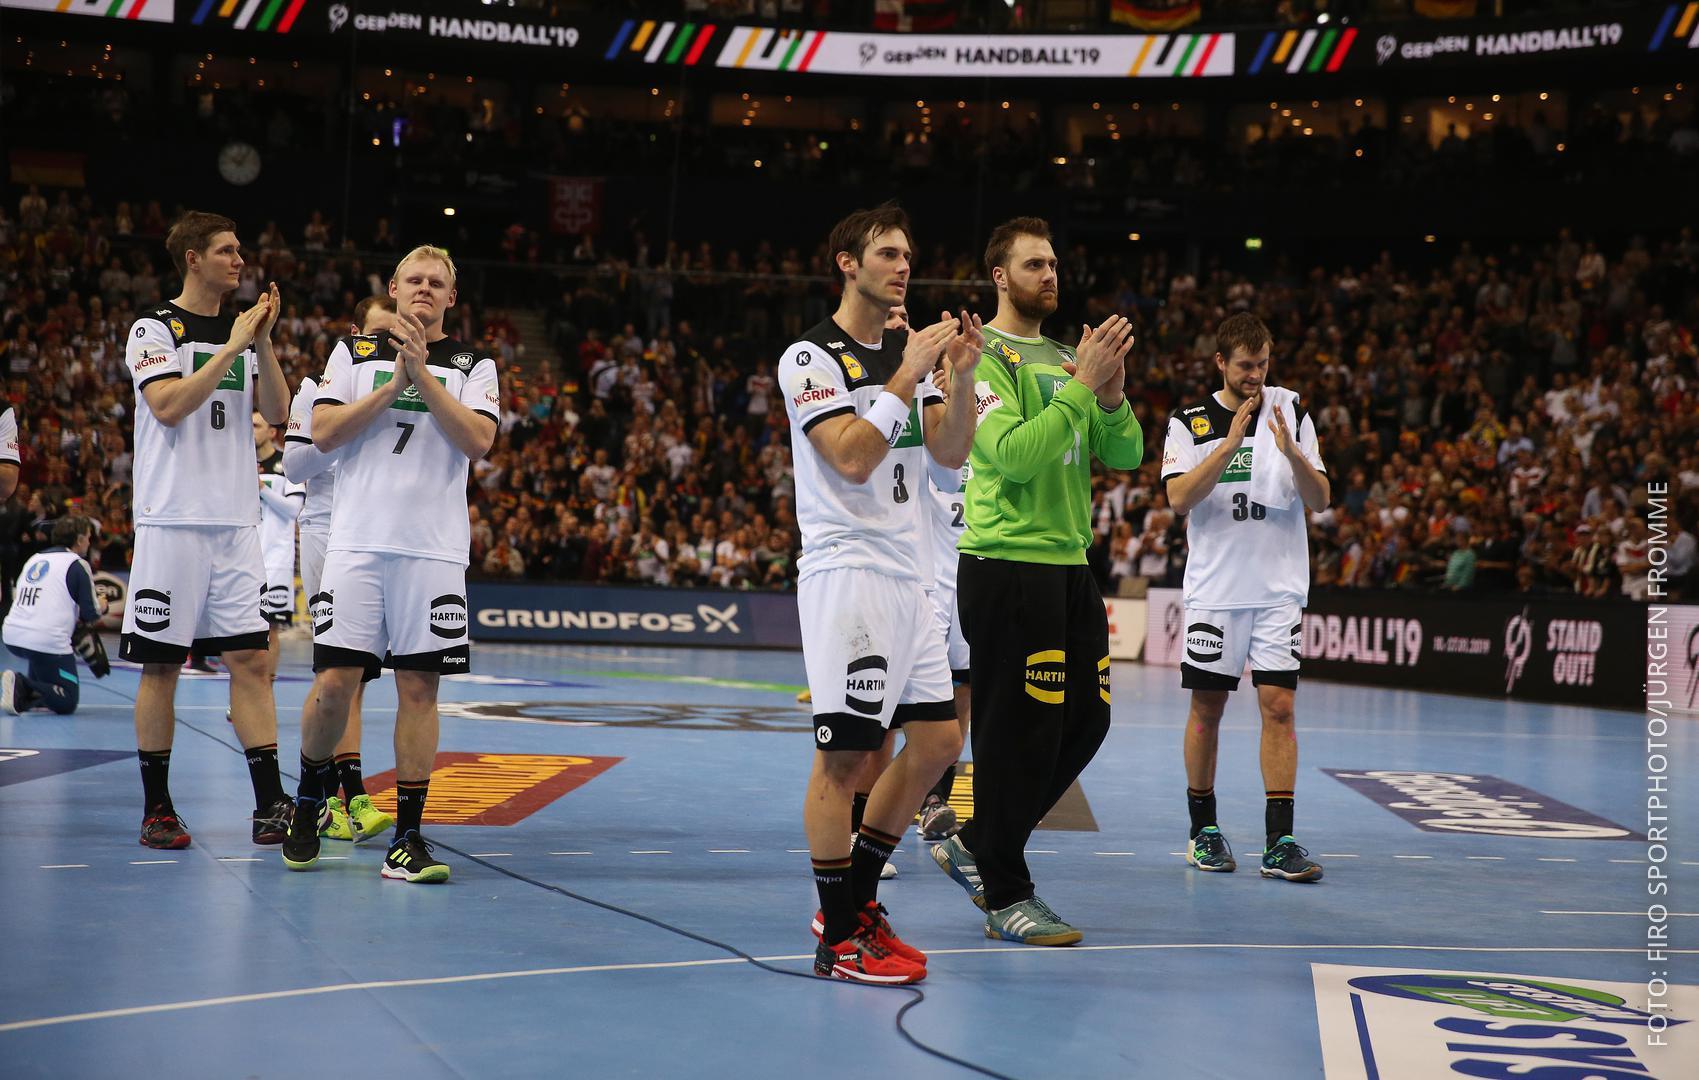 Handballer klatschen und bedanken sich bei den Fans